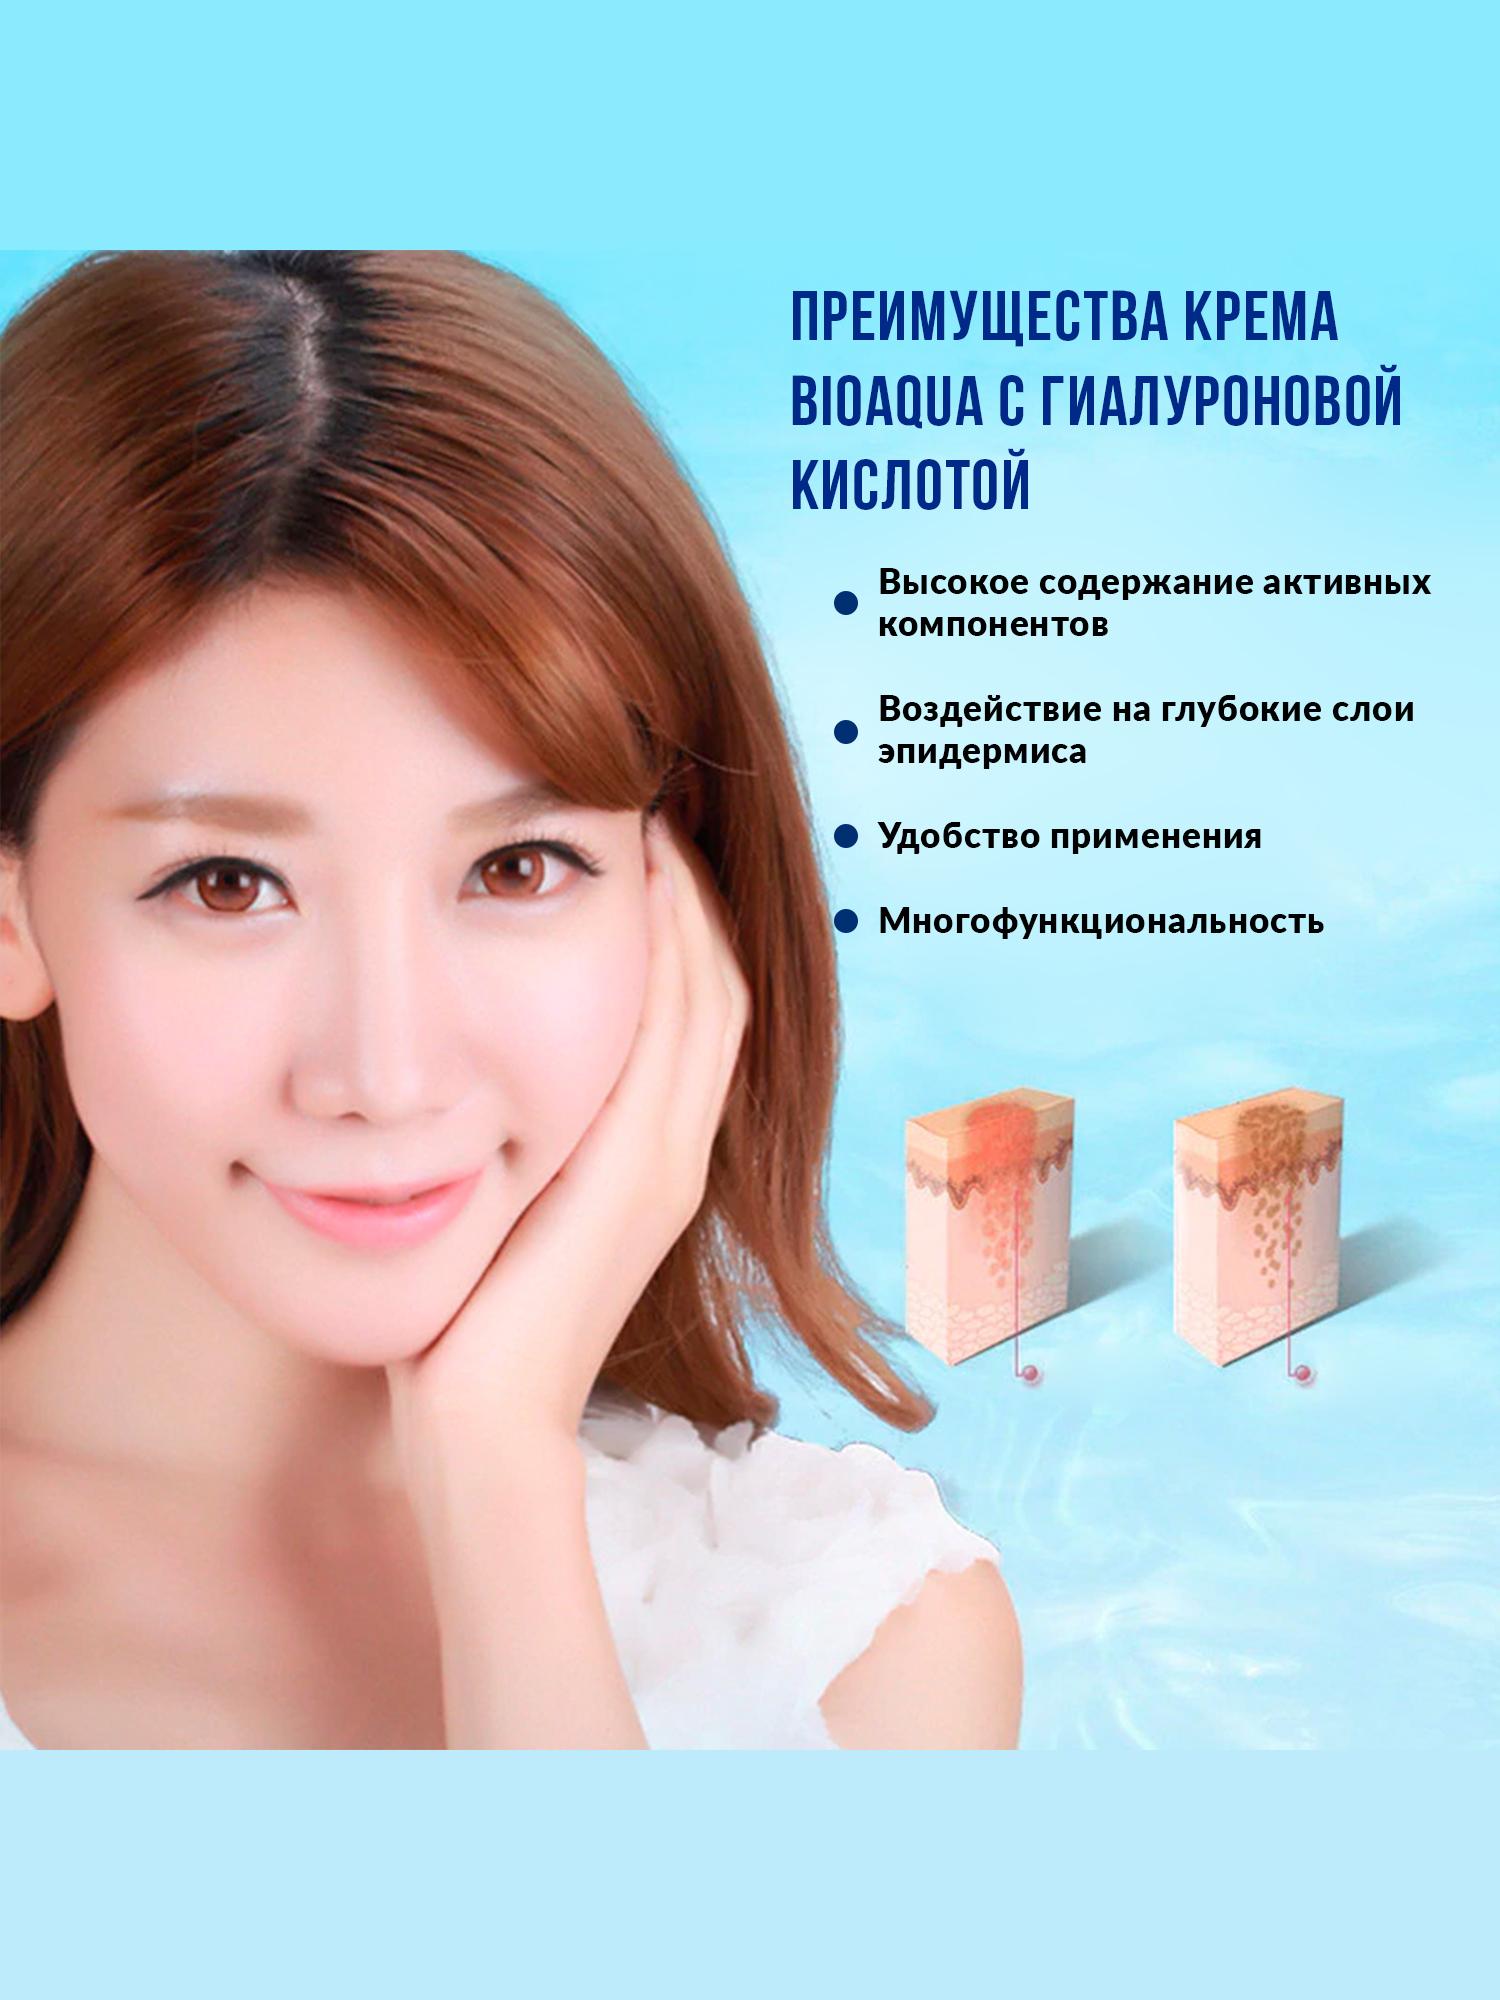 Увлажняющий крем с гиалуроновой кислотой Hyaluronic acid, 50гр.